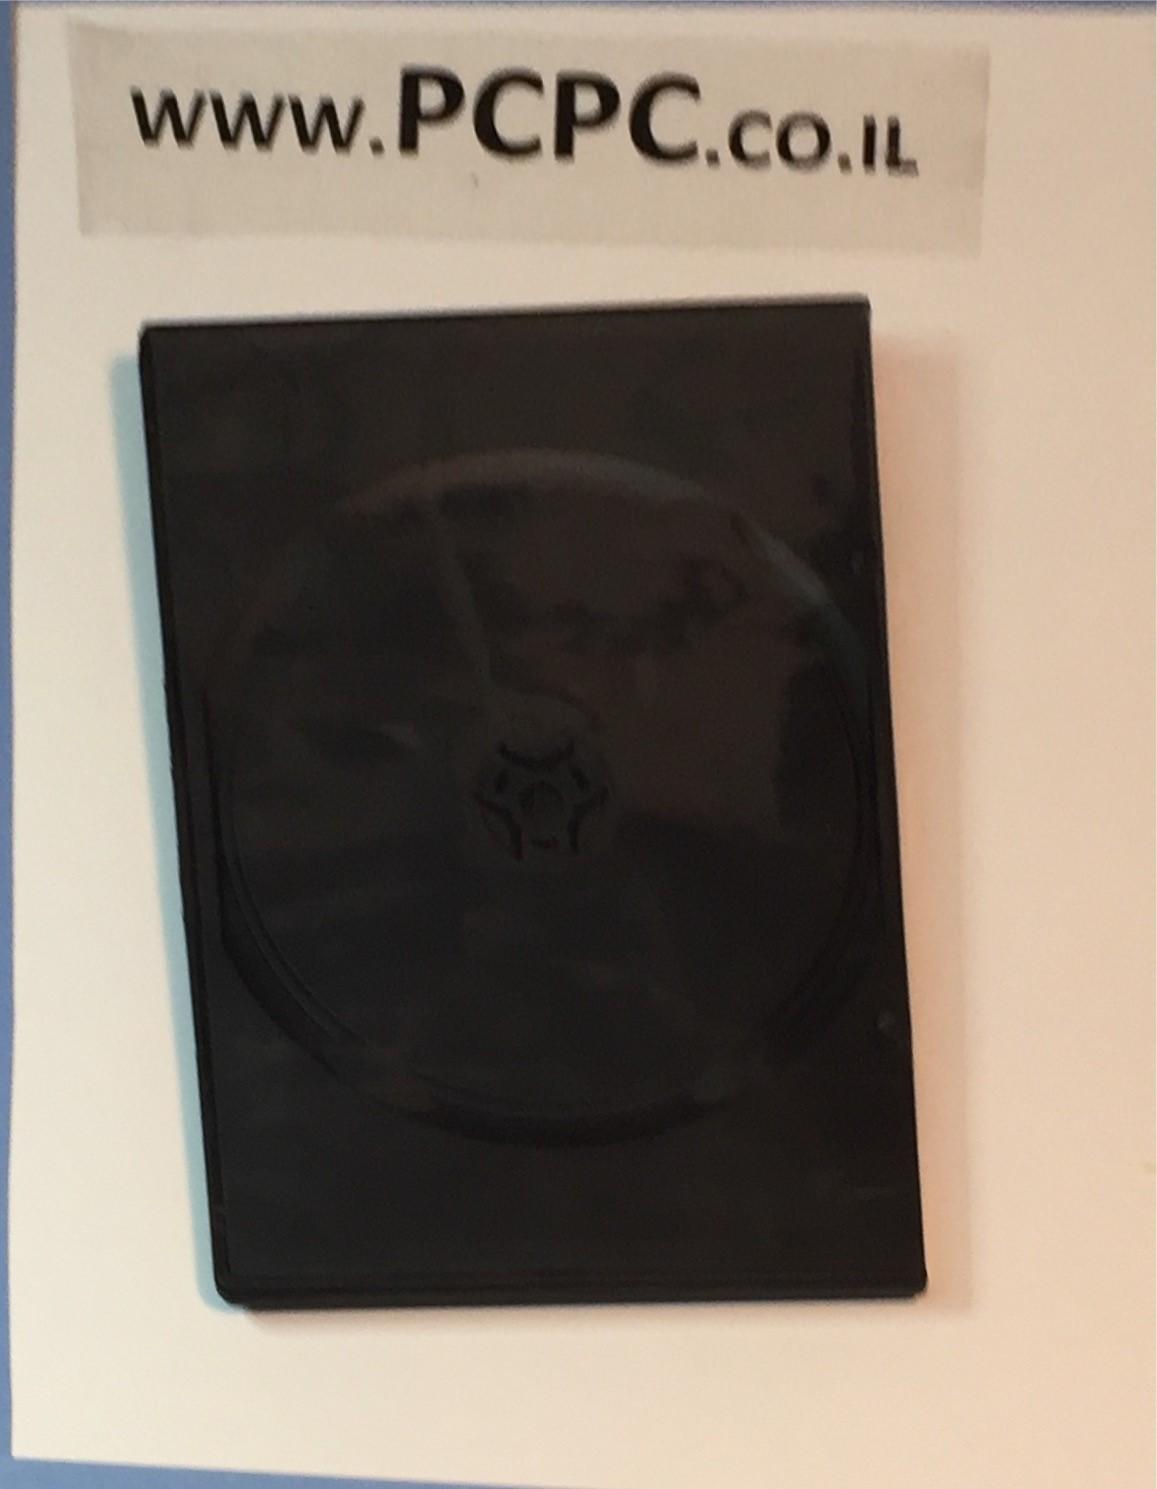 קופסה שחורה ל 1 DVD  דק חצי גודל  עובי 5 ממ